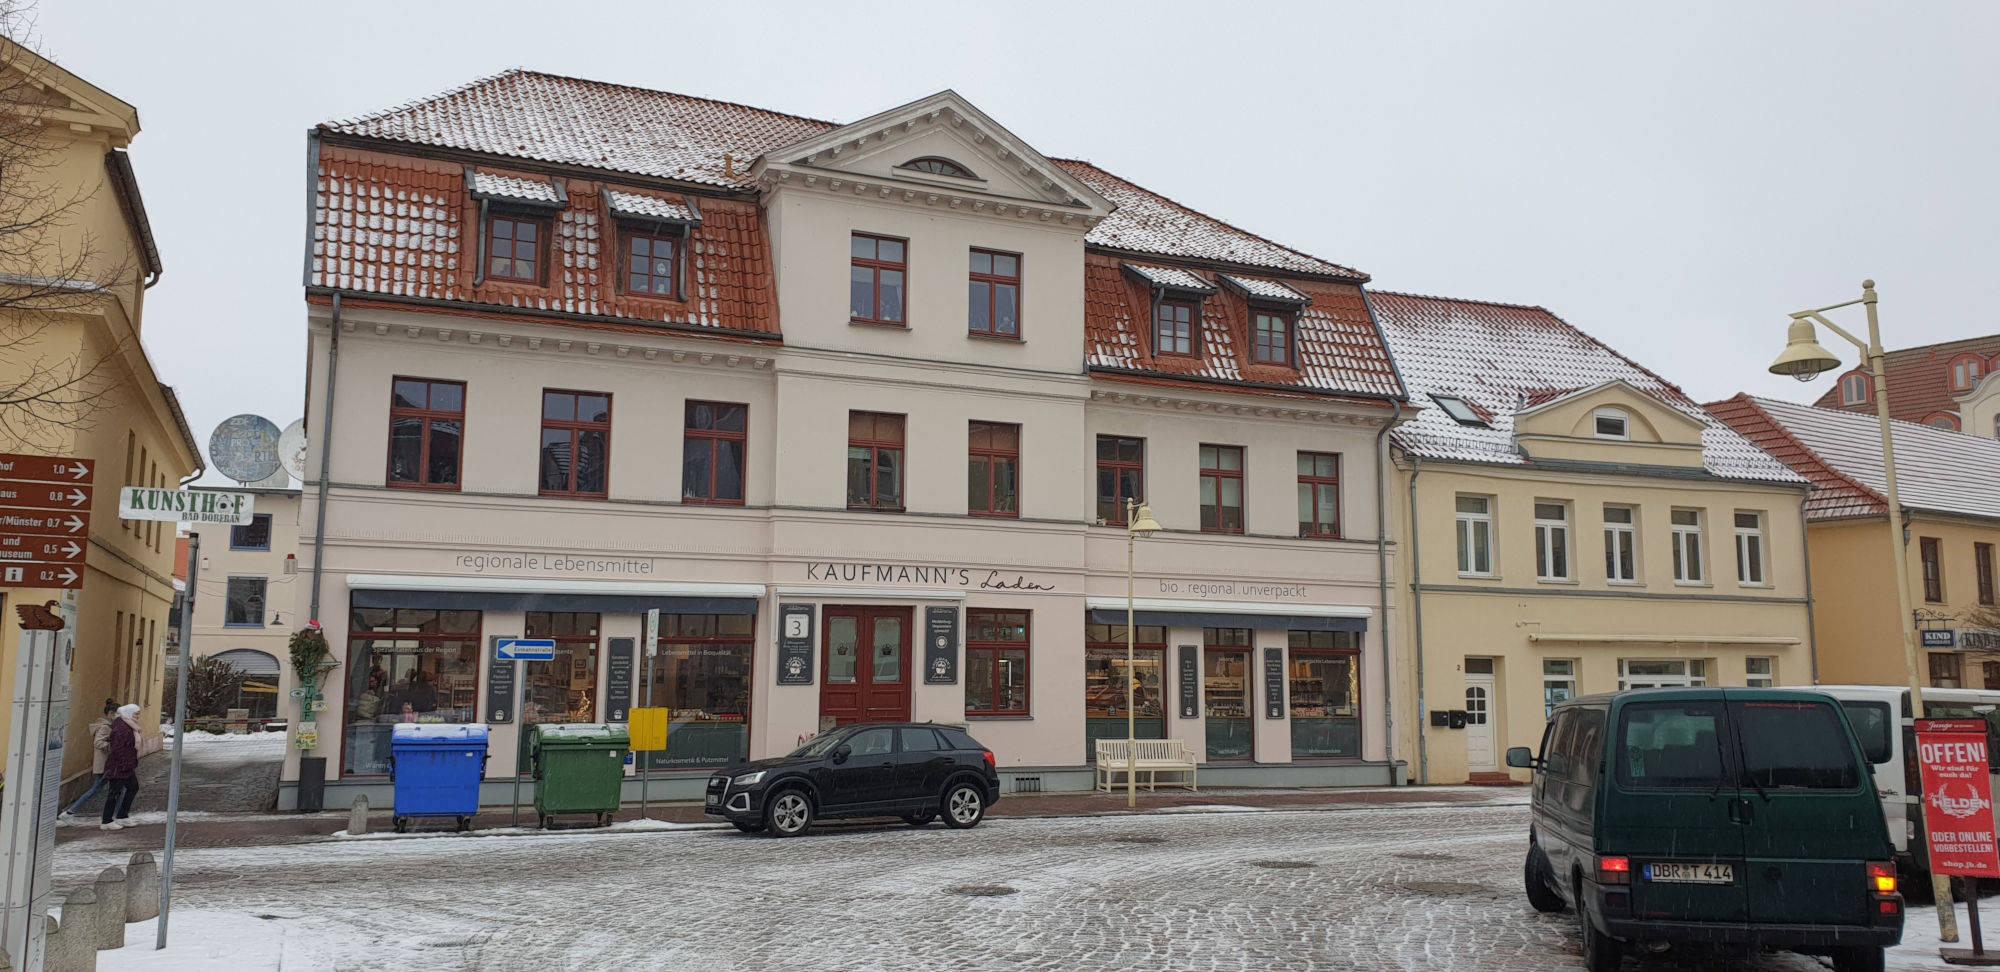 Kaufmanns Laden